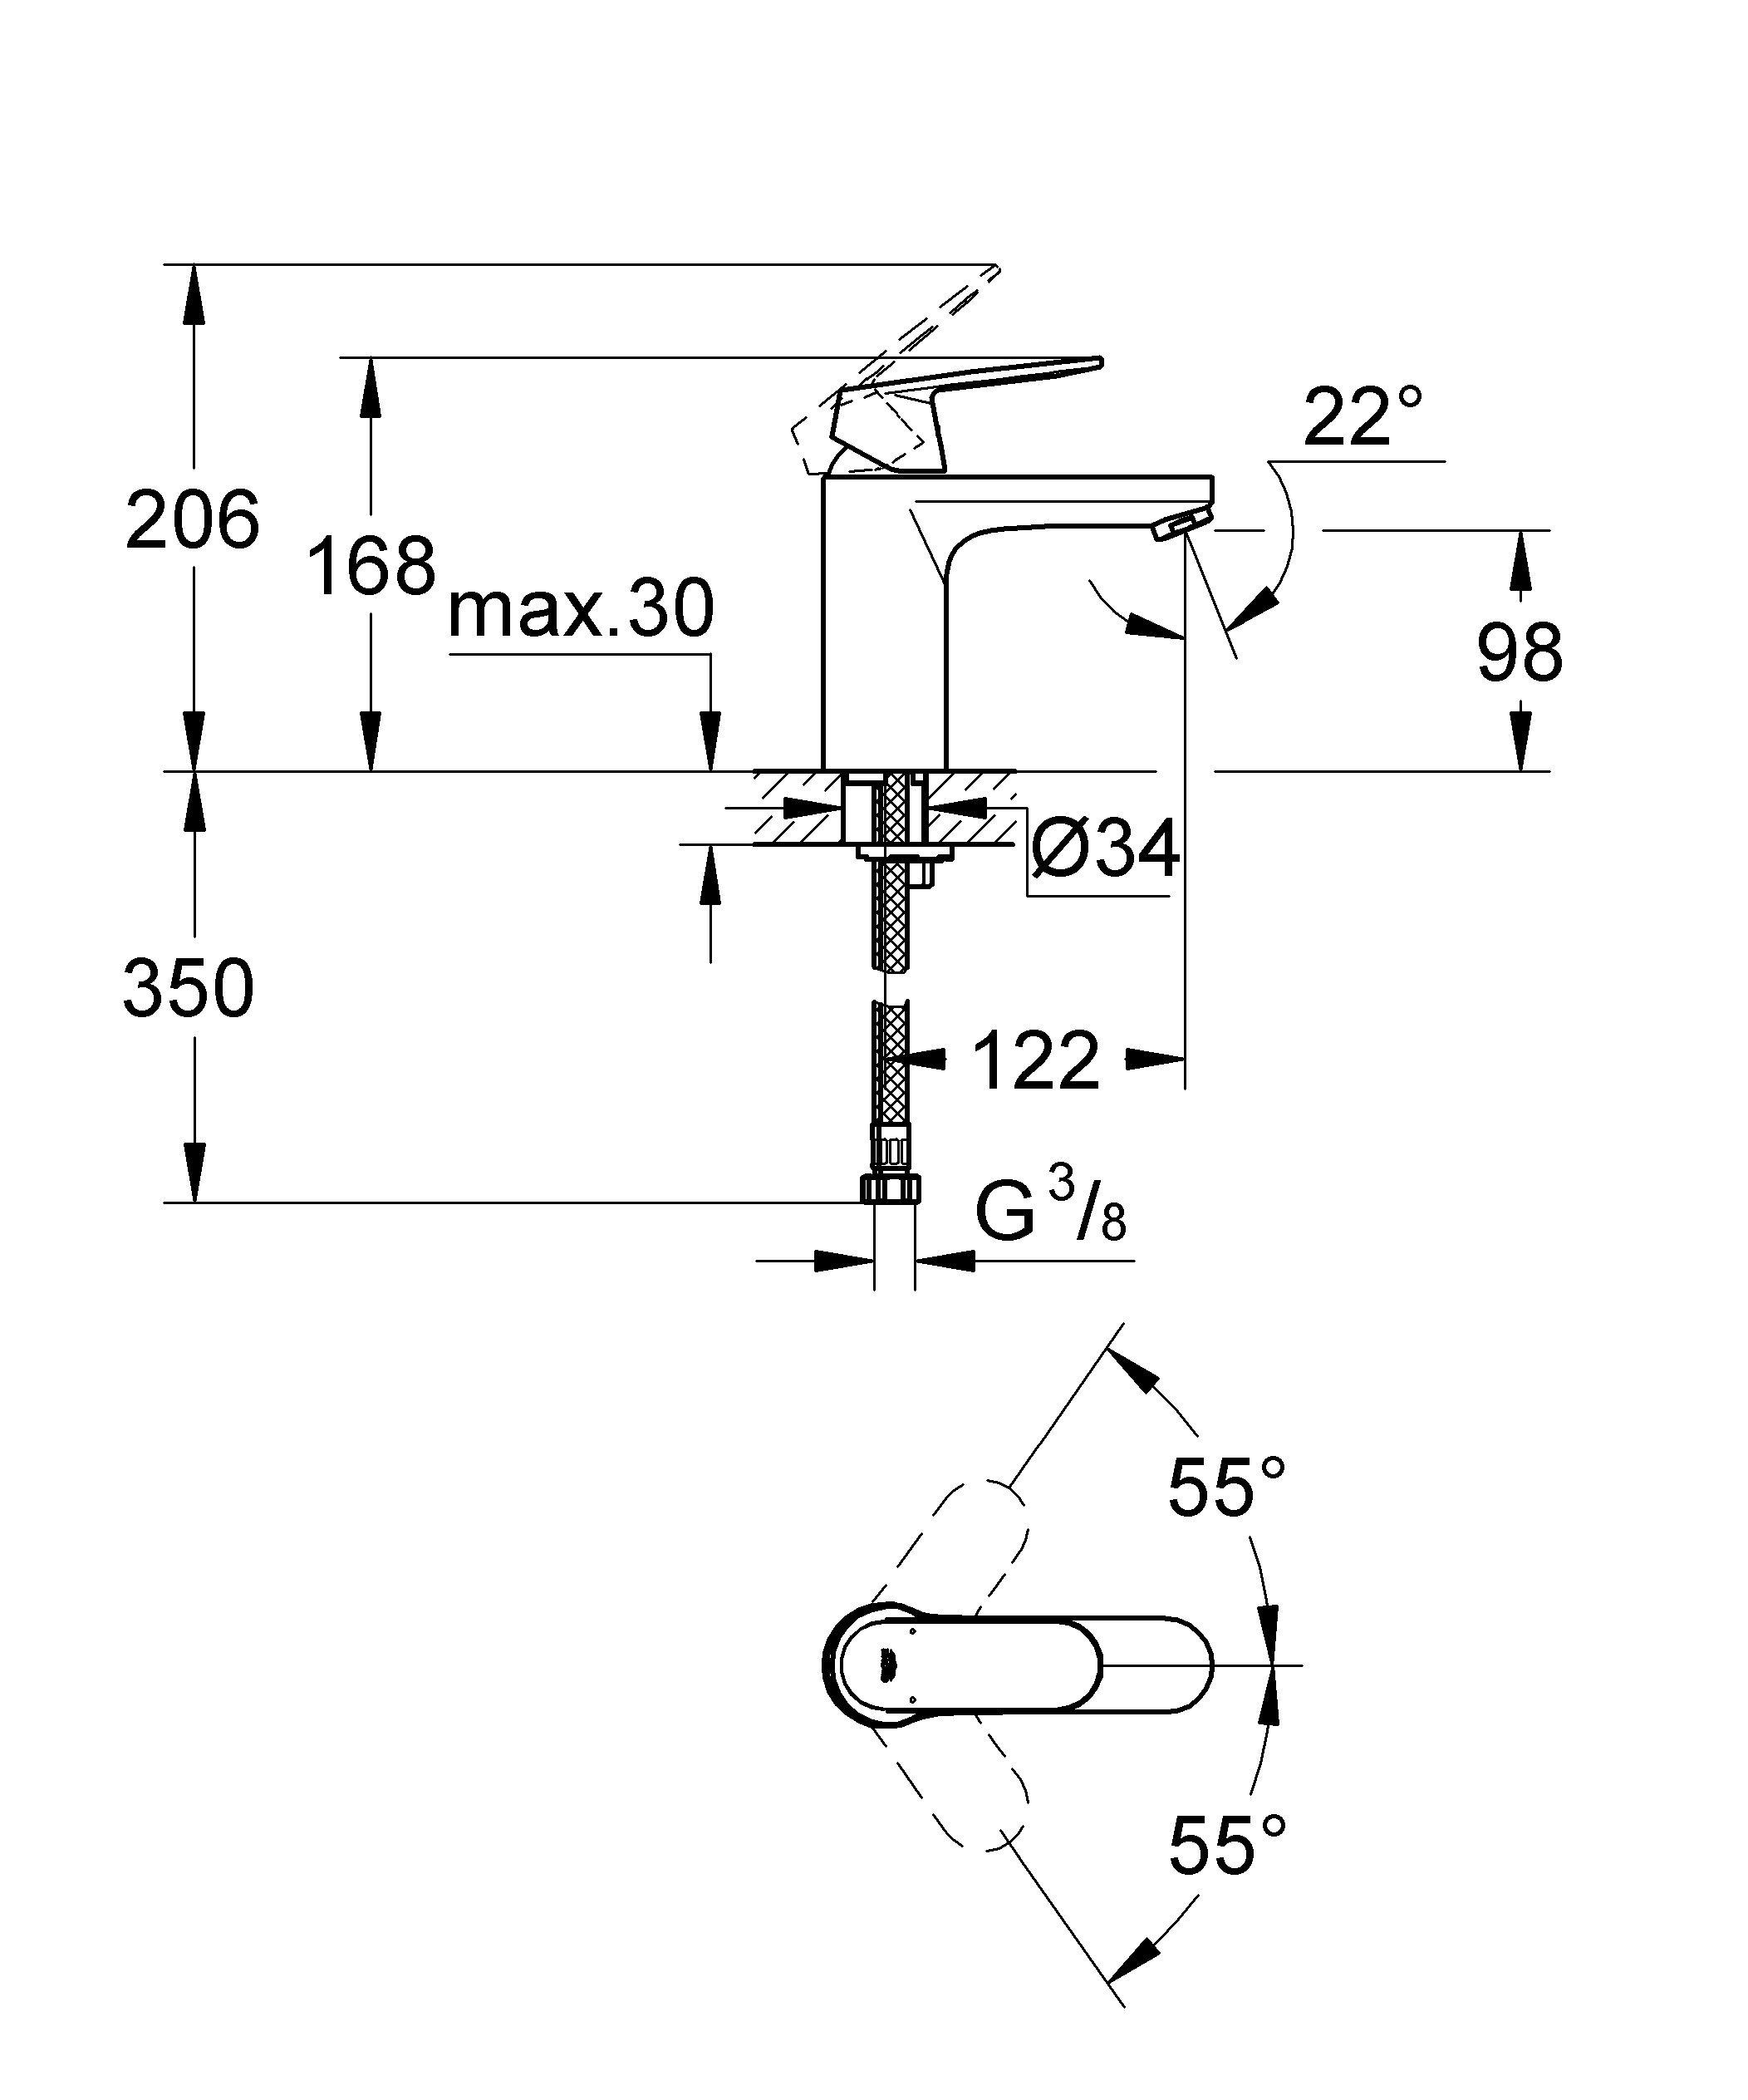 Смеситель для ванной комнаты GROHE Eurosmart Cosmopolitan наделен всеми преимуществами современного сантехнического оборудования. Во-первых, это экономичность: в нем применяется технология GROHE EcoJoy, позволяющая сократить расход воды почти вдвое. Во-вторых, это неприхотливость в уходе: для поддержания сияющего блеска хромированной поверхности достаточно протирать ее тканью. В-третьих, это долговечность: проверенное временем качество GROHE проявляется, в частности, в том, что чрезвычайно плавный ход рычага сохраняется даже после многолетней эксплуатации. Оцените на собственном опыте изящество и комфортность смесителя для ванной комнаты Eurosmart Cosmopolitan! Особенности   монтаж на одно отверстие  средняя высота  металлический рычаг  GROHE SilkMove керамический картридж 35 мм  GROHE StarLight хромированная поверхность  регулировка расхода воды  GROHE EcoJoy 5,7 л/мин  гладкий корпус  гибкая подводка  GROHE QuickFix быстрая монтажная система  дополнительный ограничитель температуры (46375000)   Видео по установке является исключительно информационным. Установка должна проводиться профессионалами!